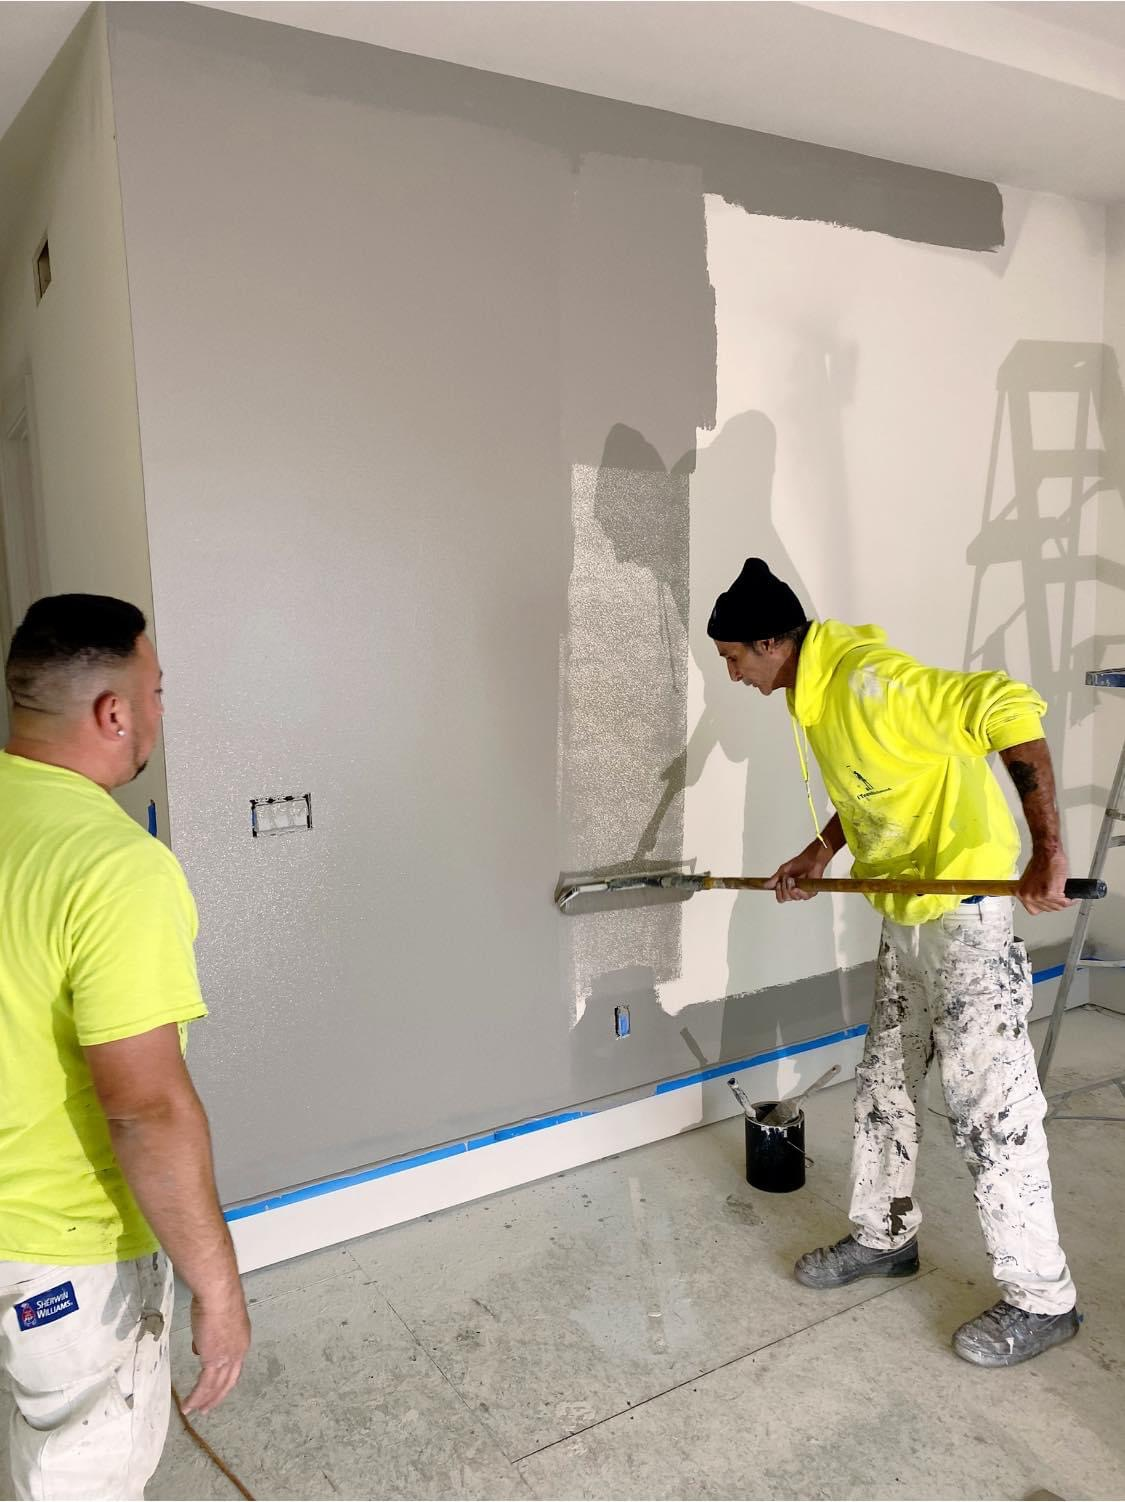 Racine Painting Contractor